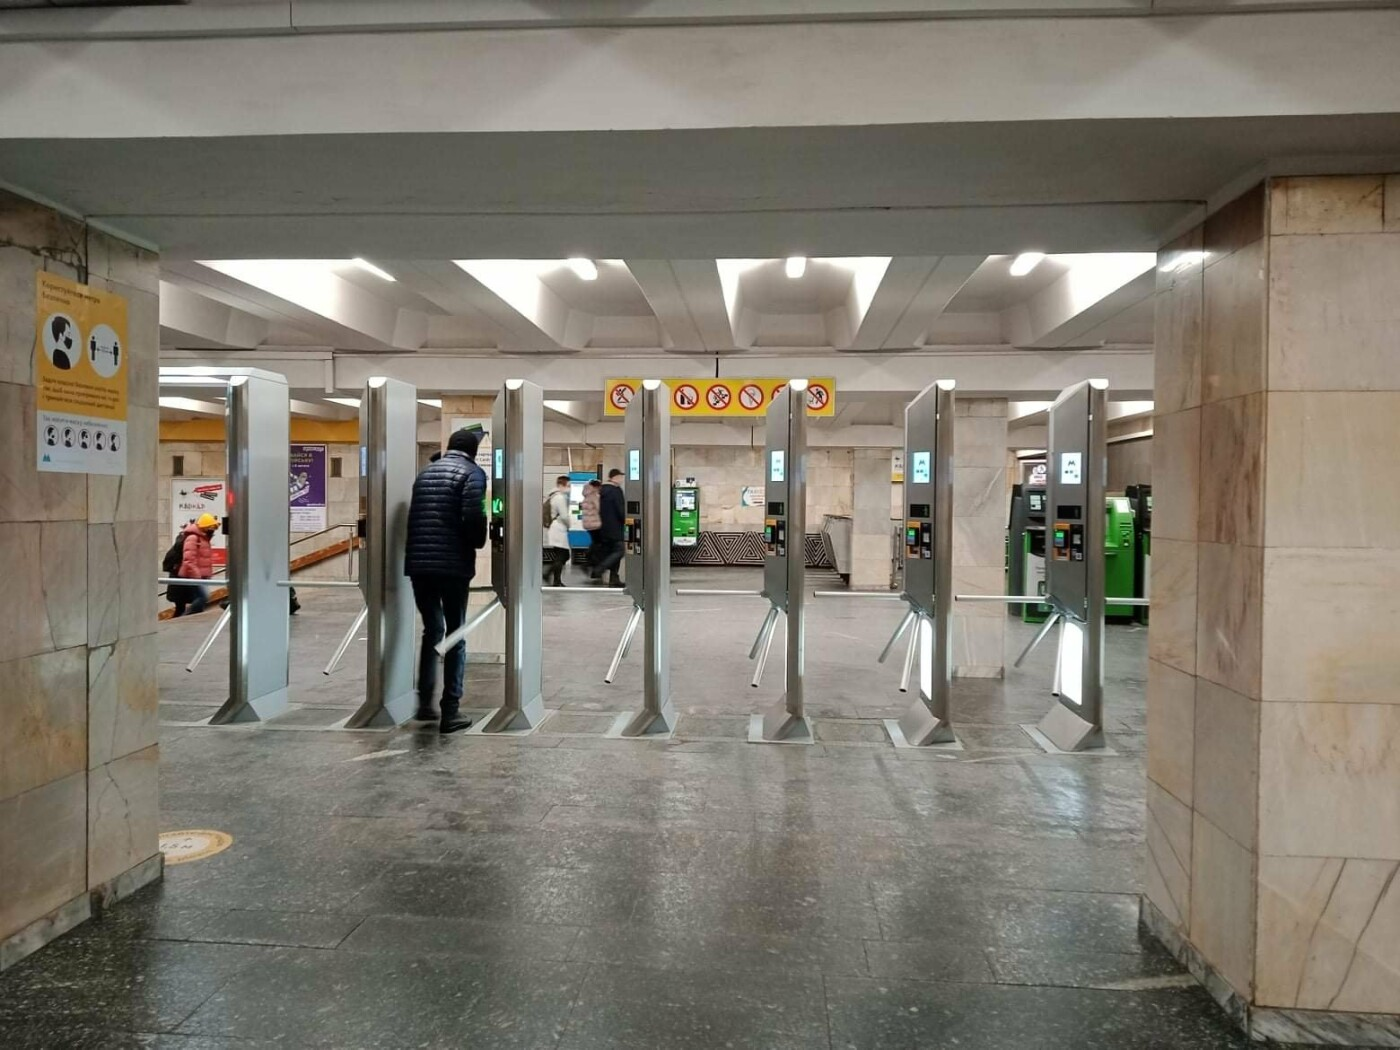 ТОП-15 вопросов о Киевском метрополитене, которые вы хотели задать, - ФОТО, Фото: Метро на Виноградар